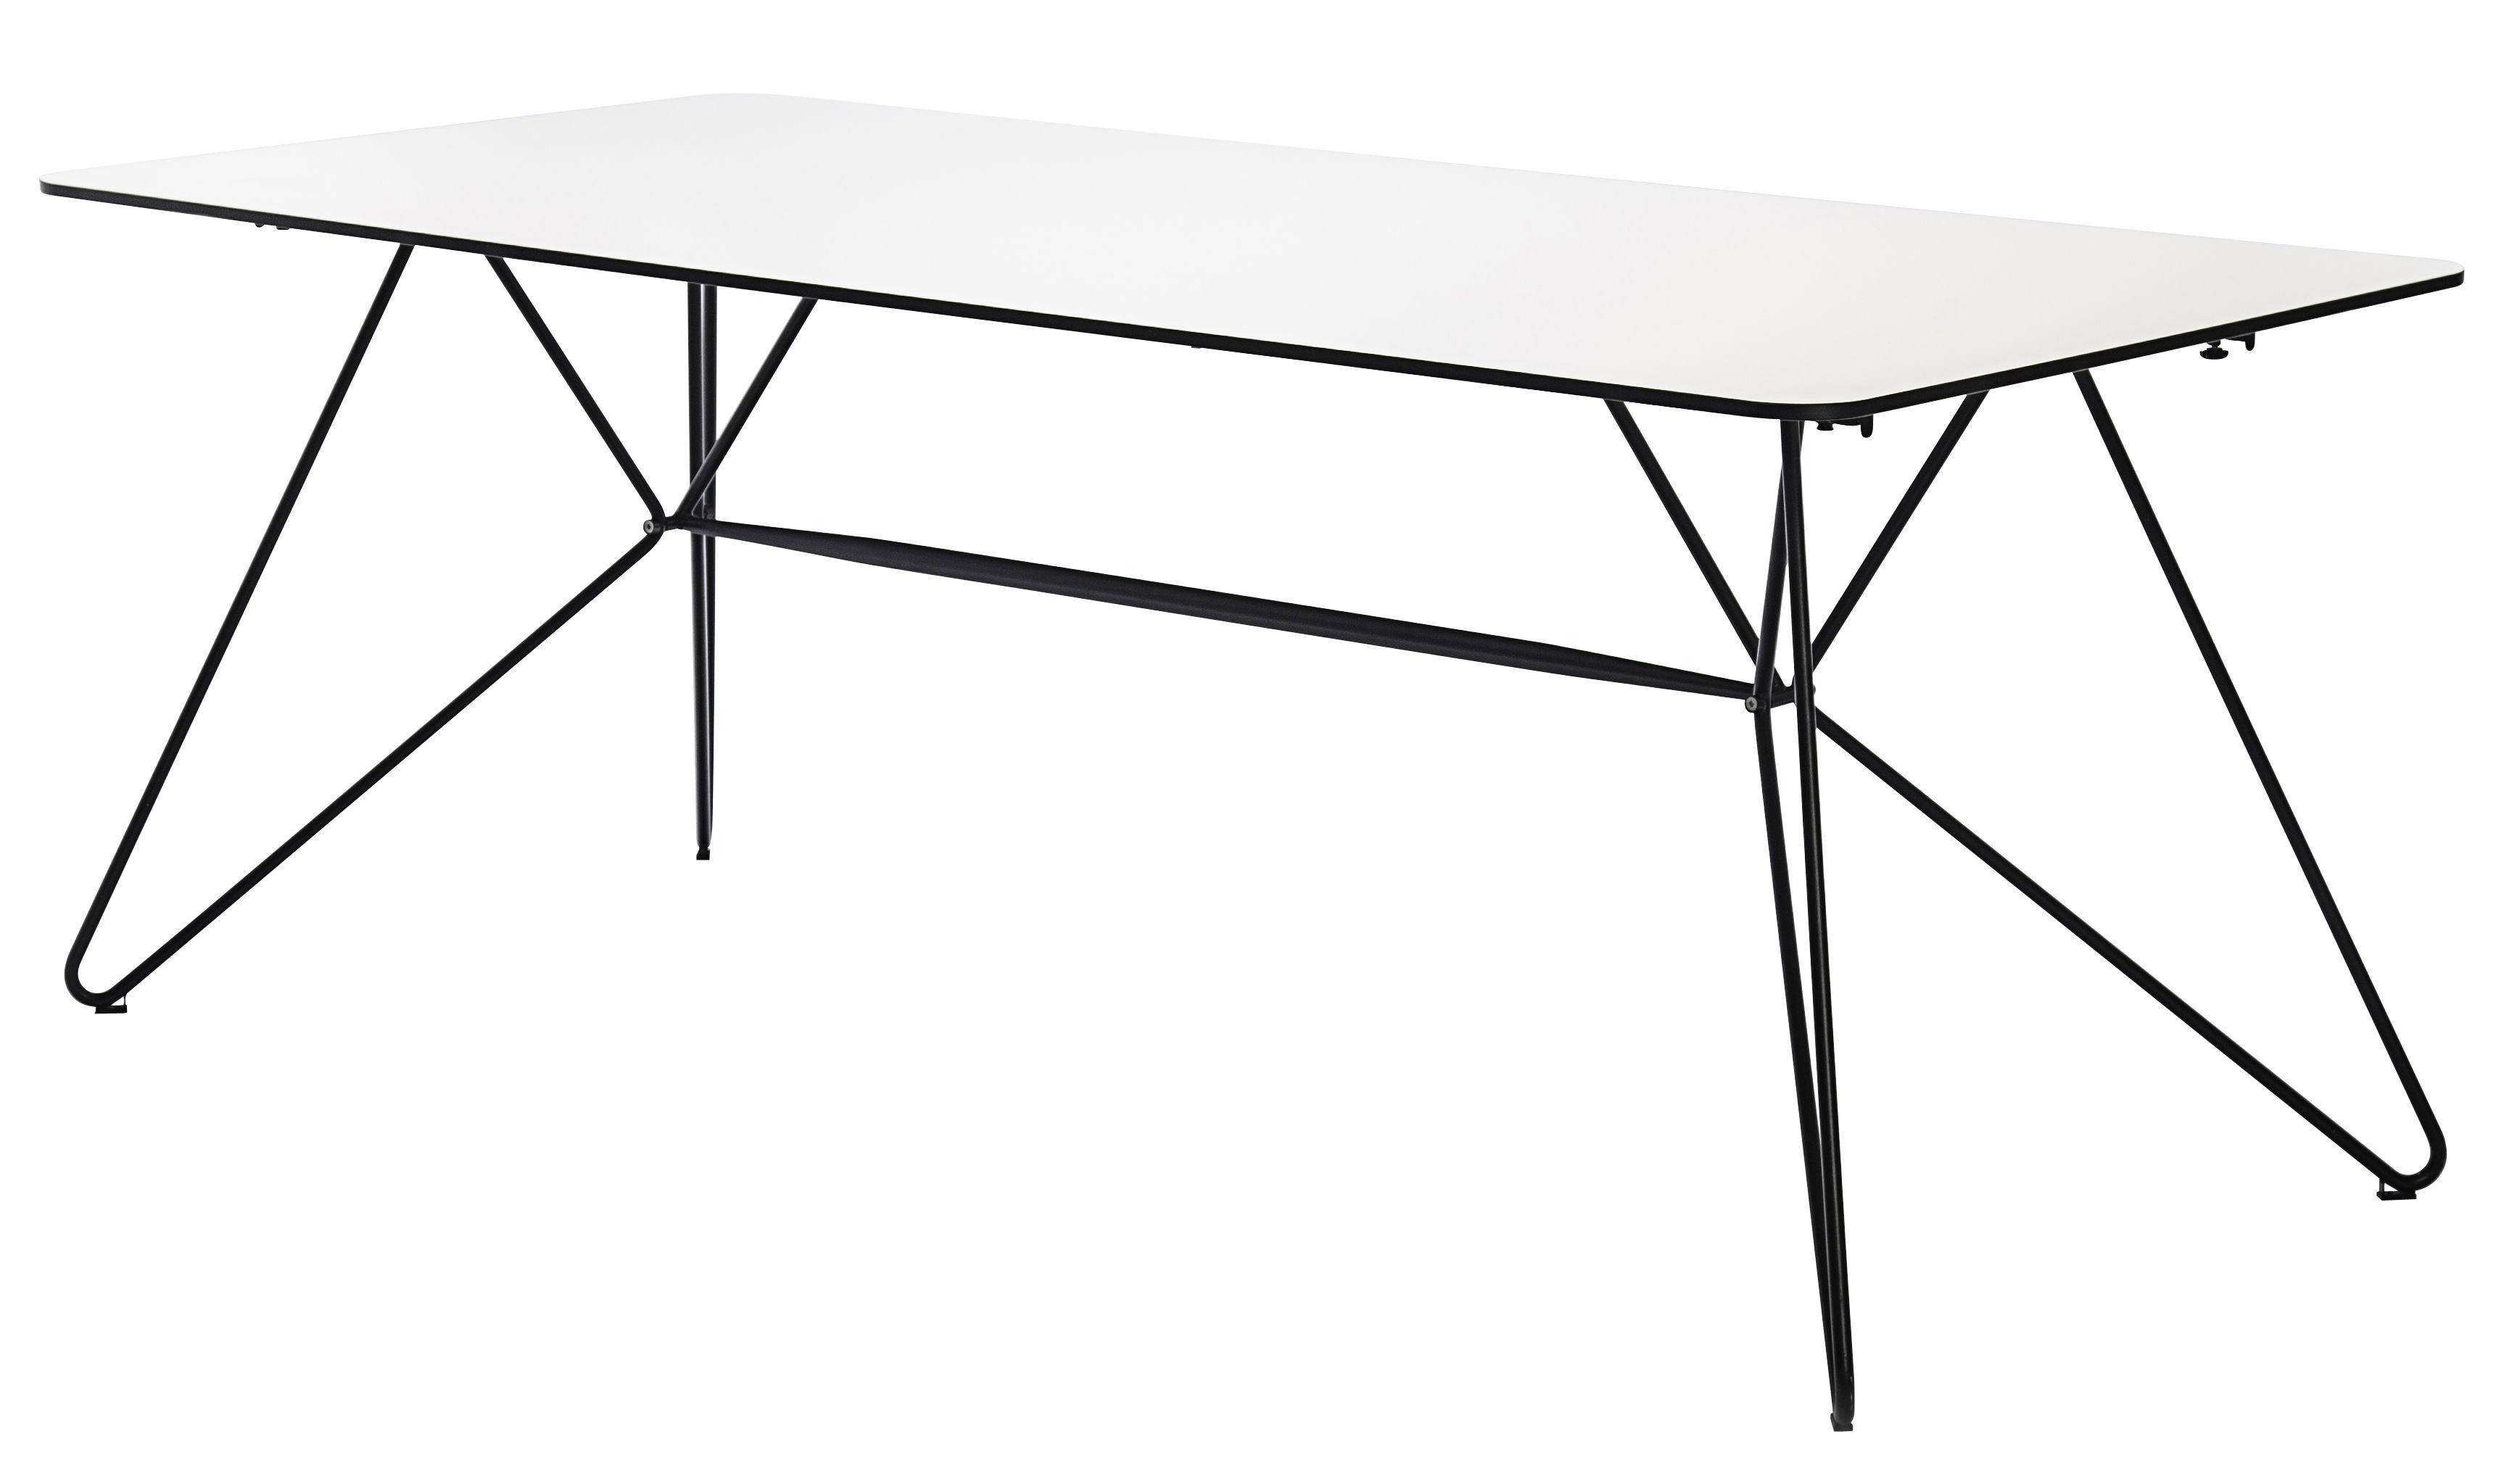 Tischdecke Fur Gartentisch Tischdecke Gartentisch Eckig